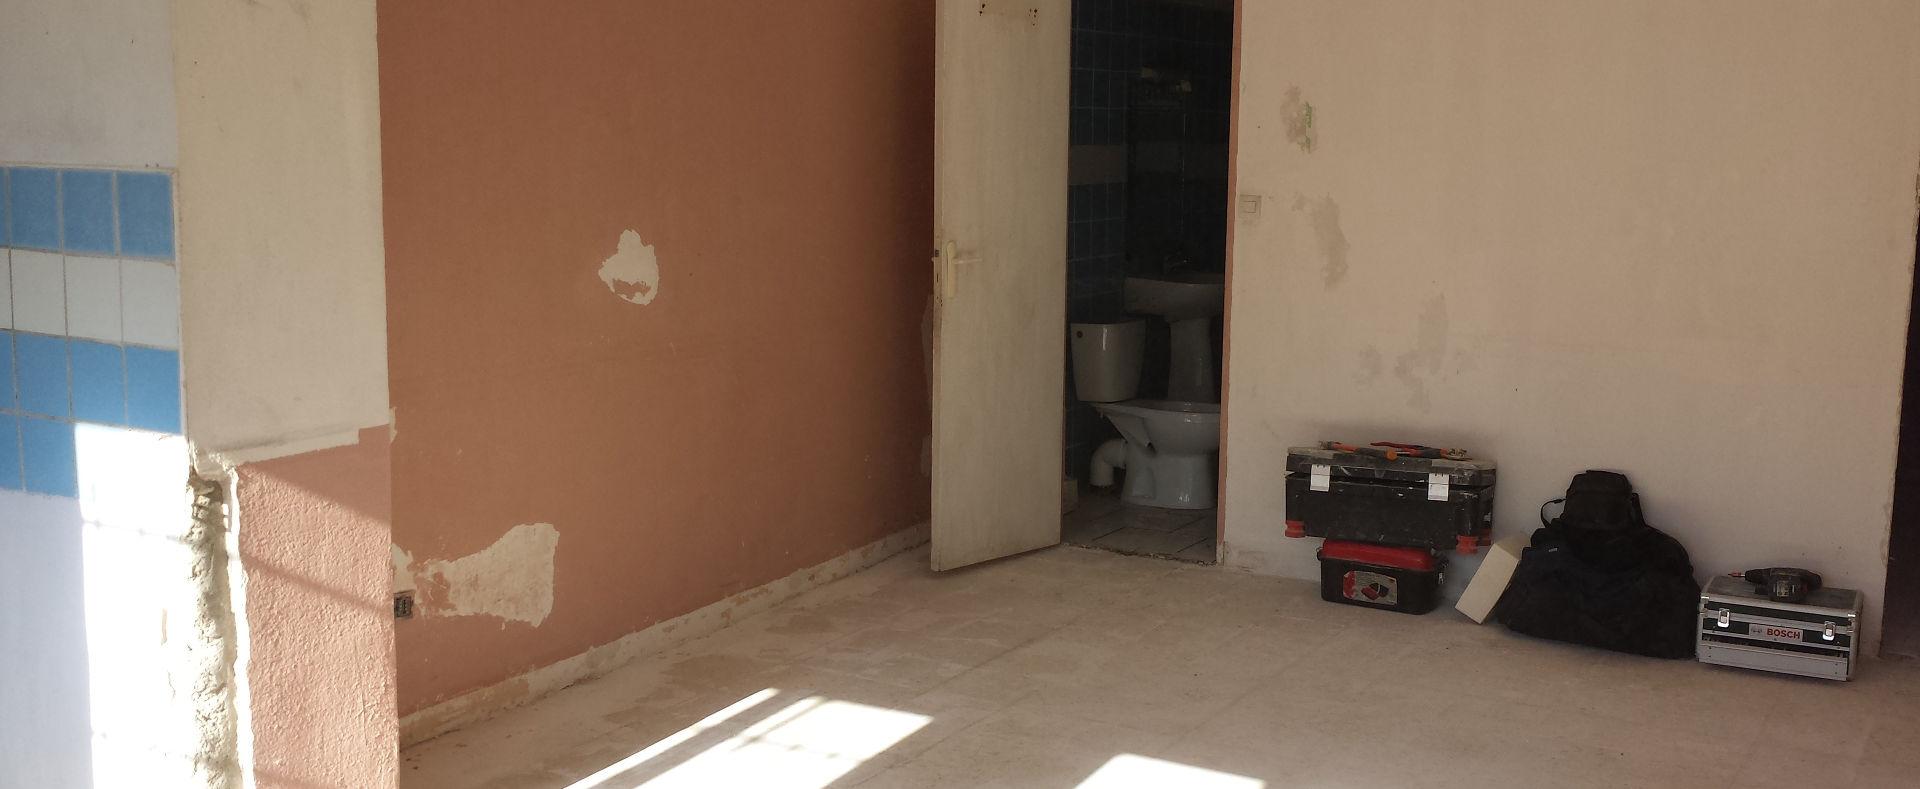 Rénovation appartement Avignon avant